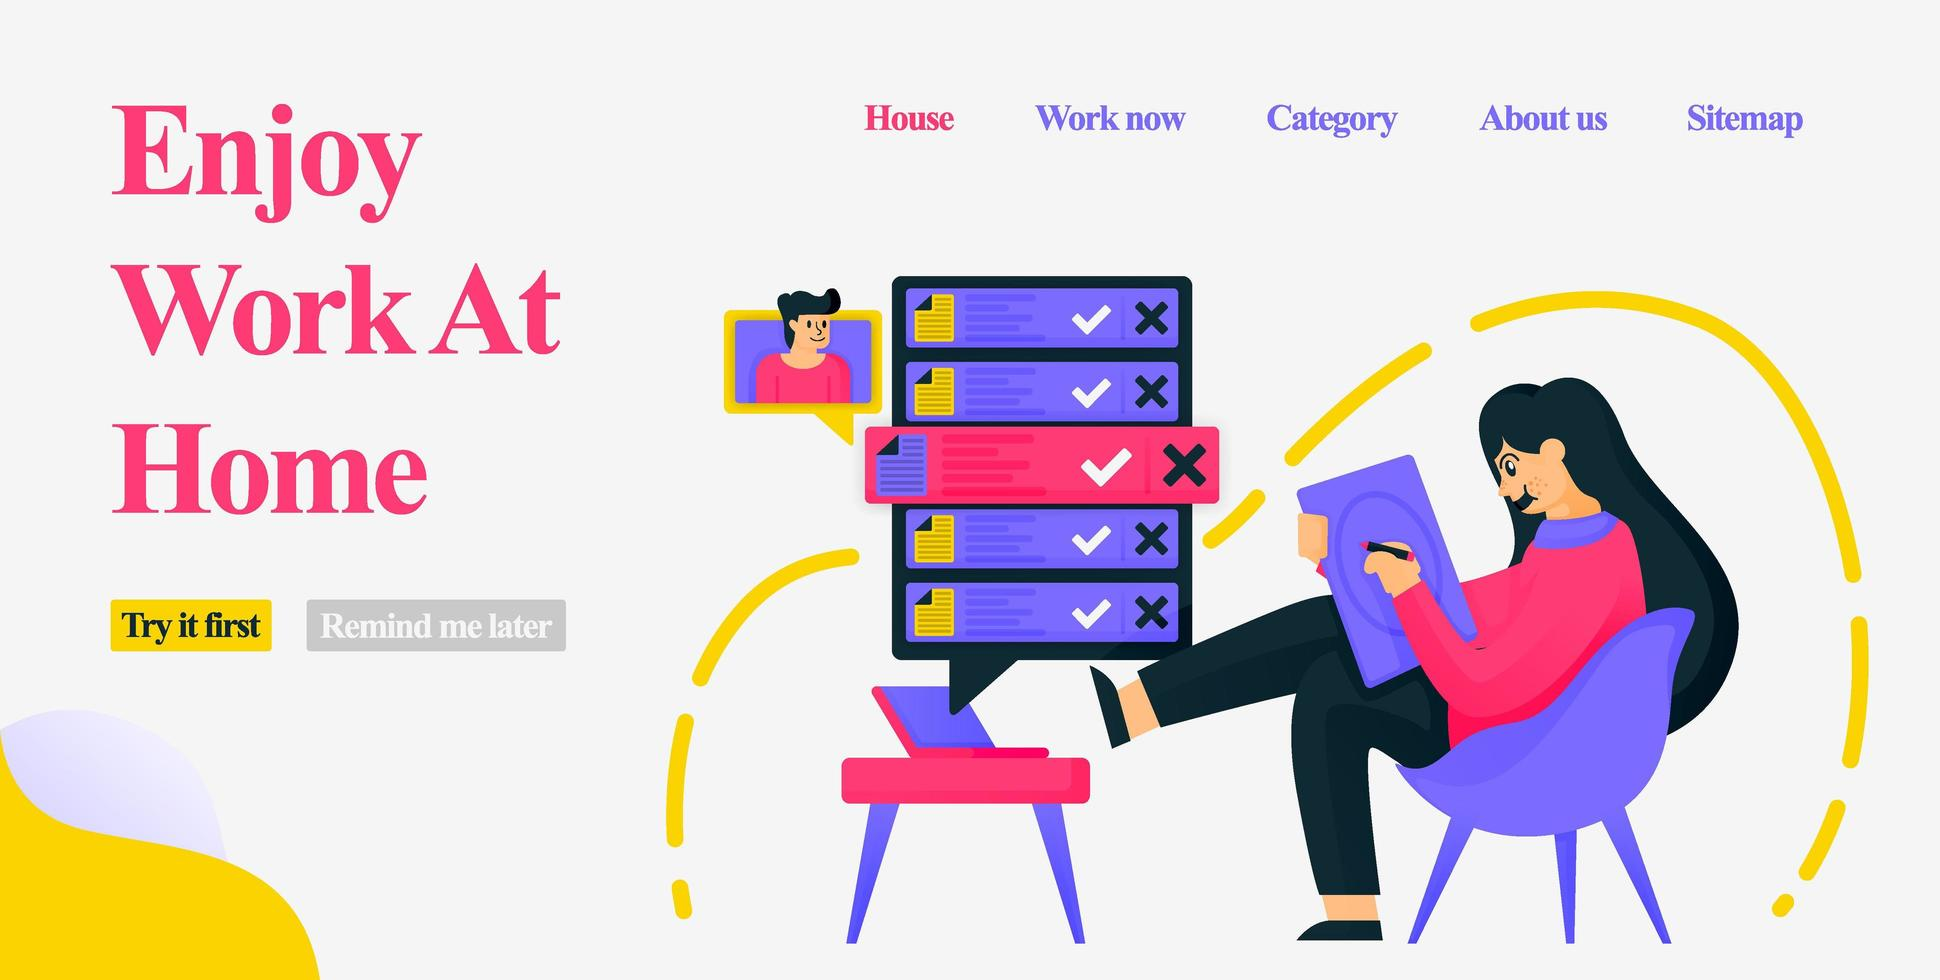 ontwerp een meisje dat terloops in een thuisstoel zit en werkt als freelancer door te ontwerpen, bestellingen te krijgen en klanten te ontmoeten op internet. platte vector illustratie concept voor bestemmingspagina, website